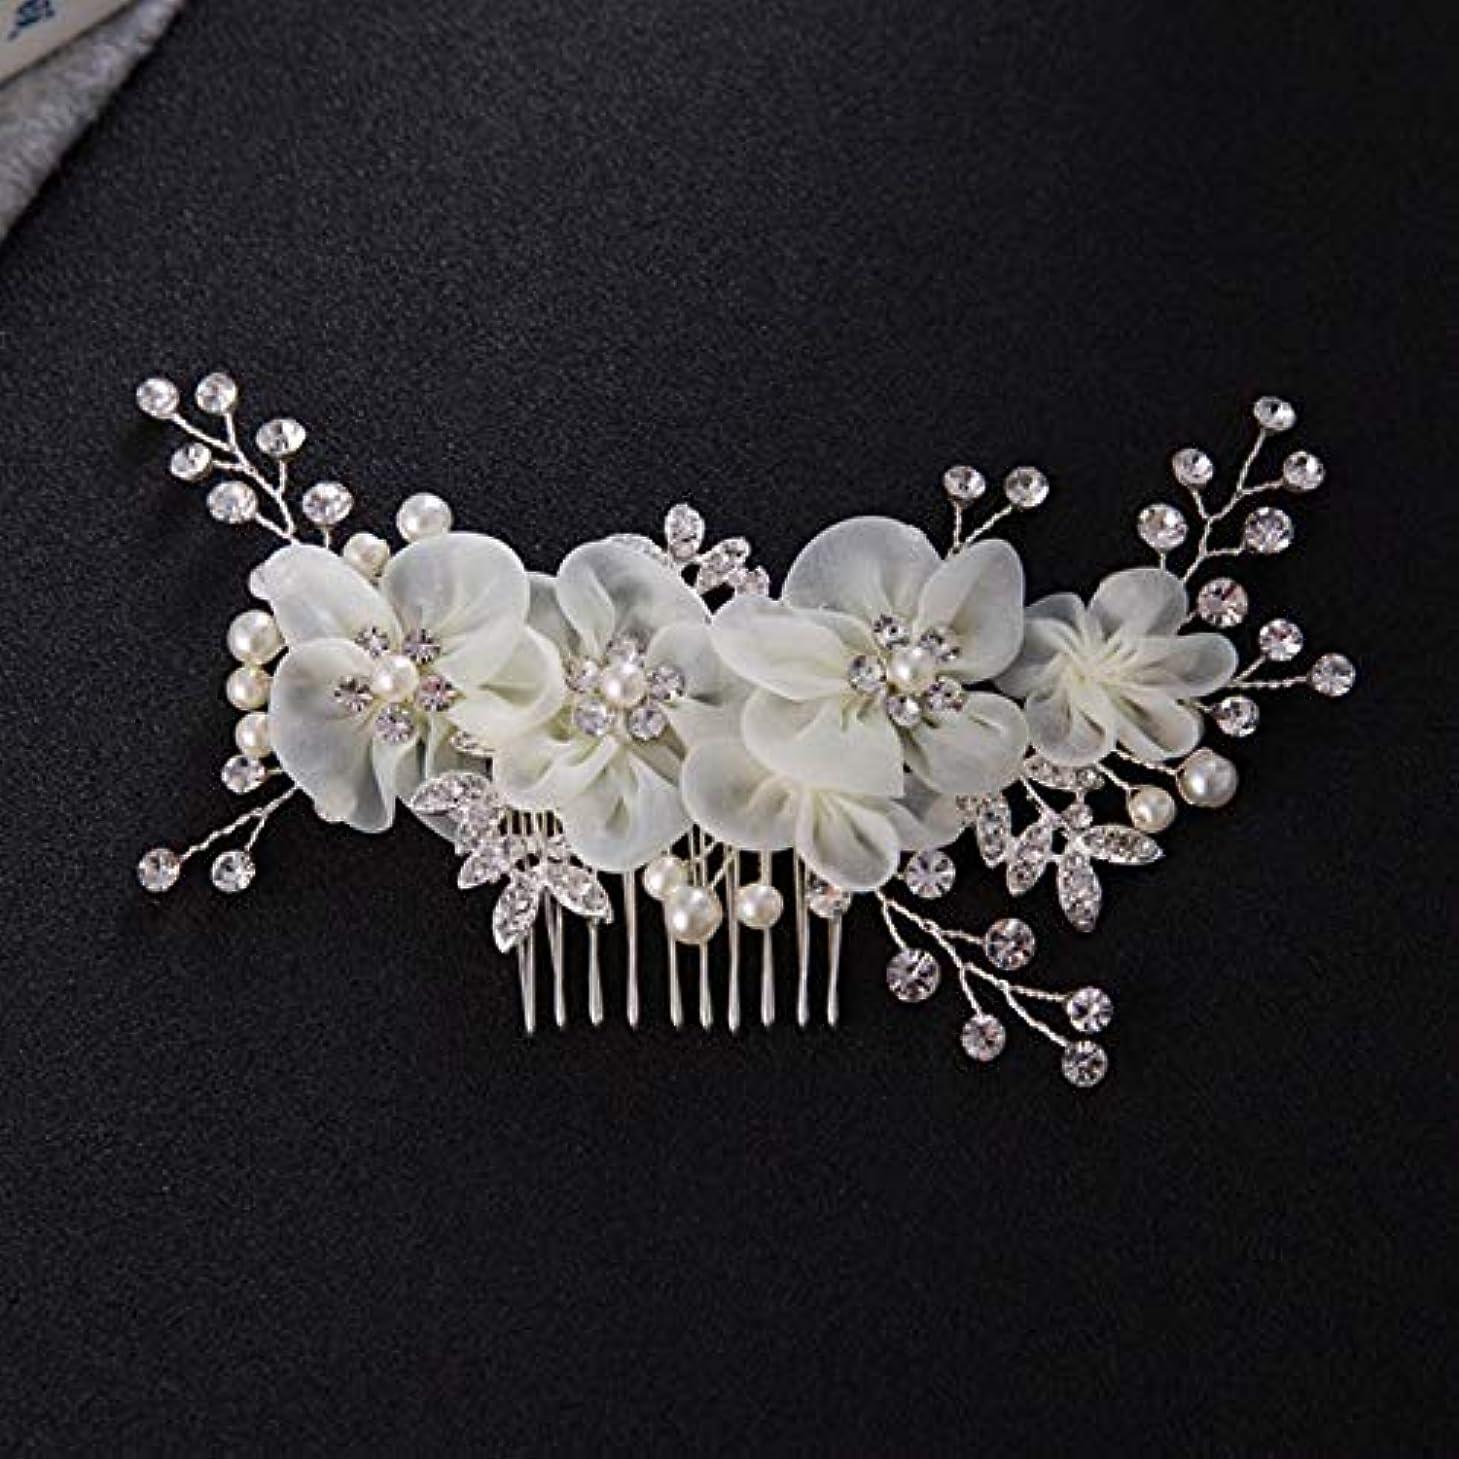 華氏マートペルメルWadachikis 耐久新しいファッションラグジュアリークリスタル結婚式ブライダルヘアクリップ(None white)